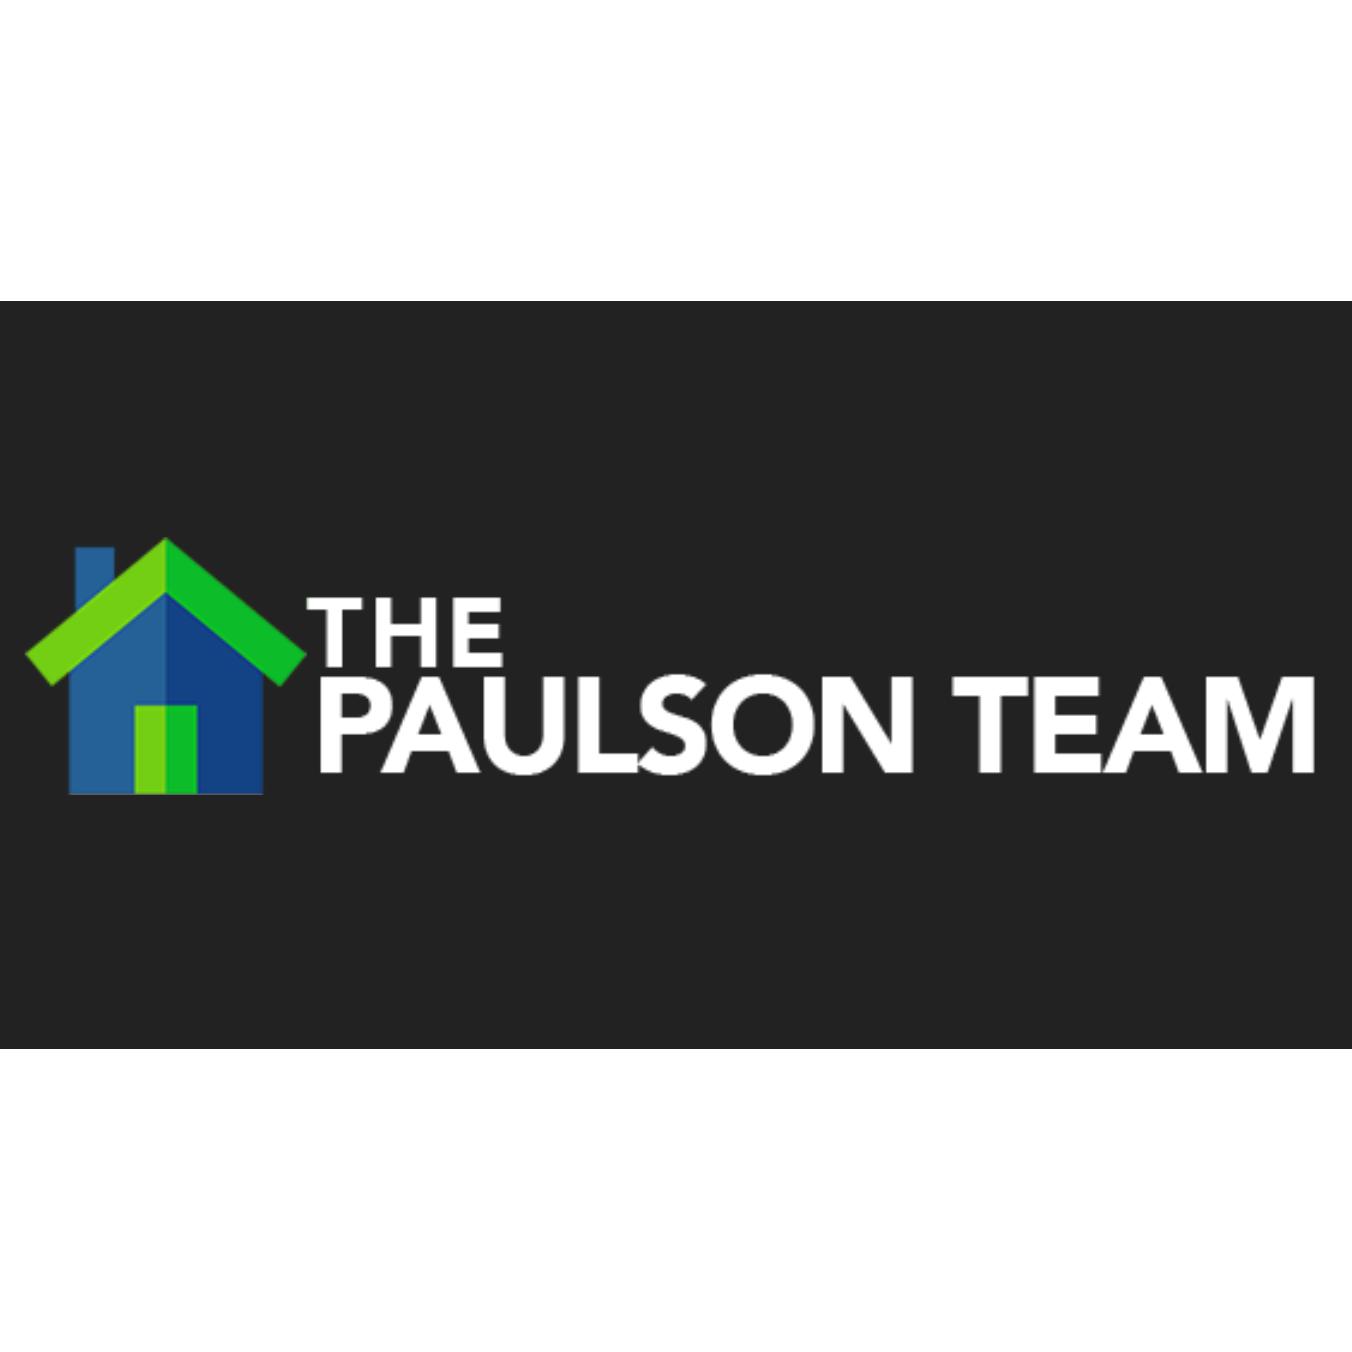 The Paulson Team